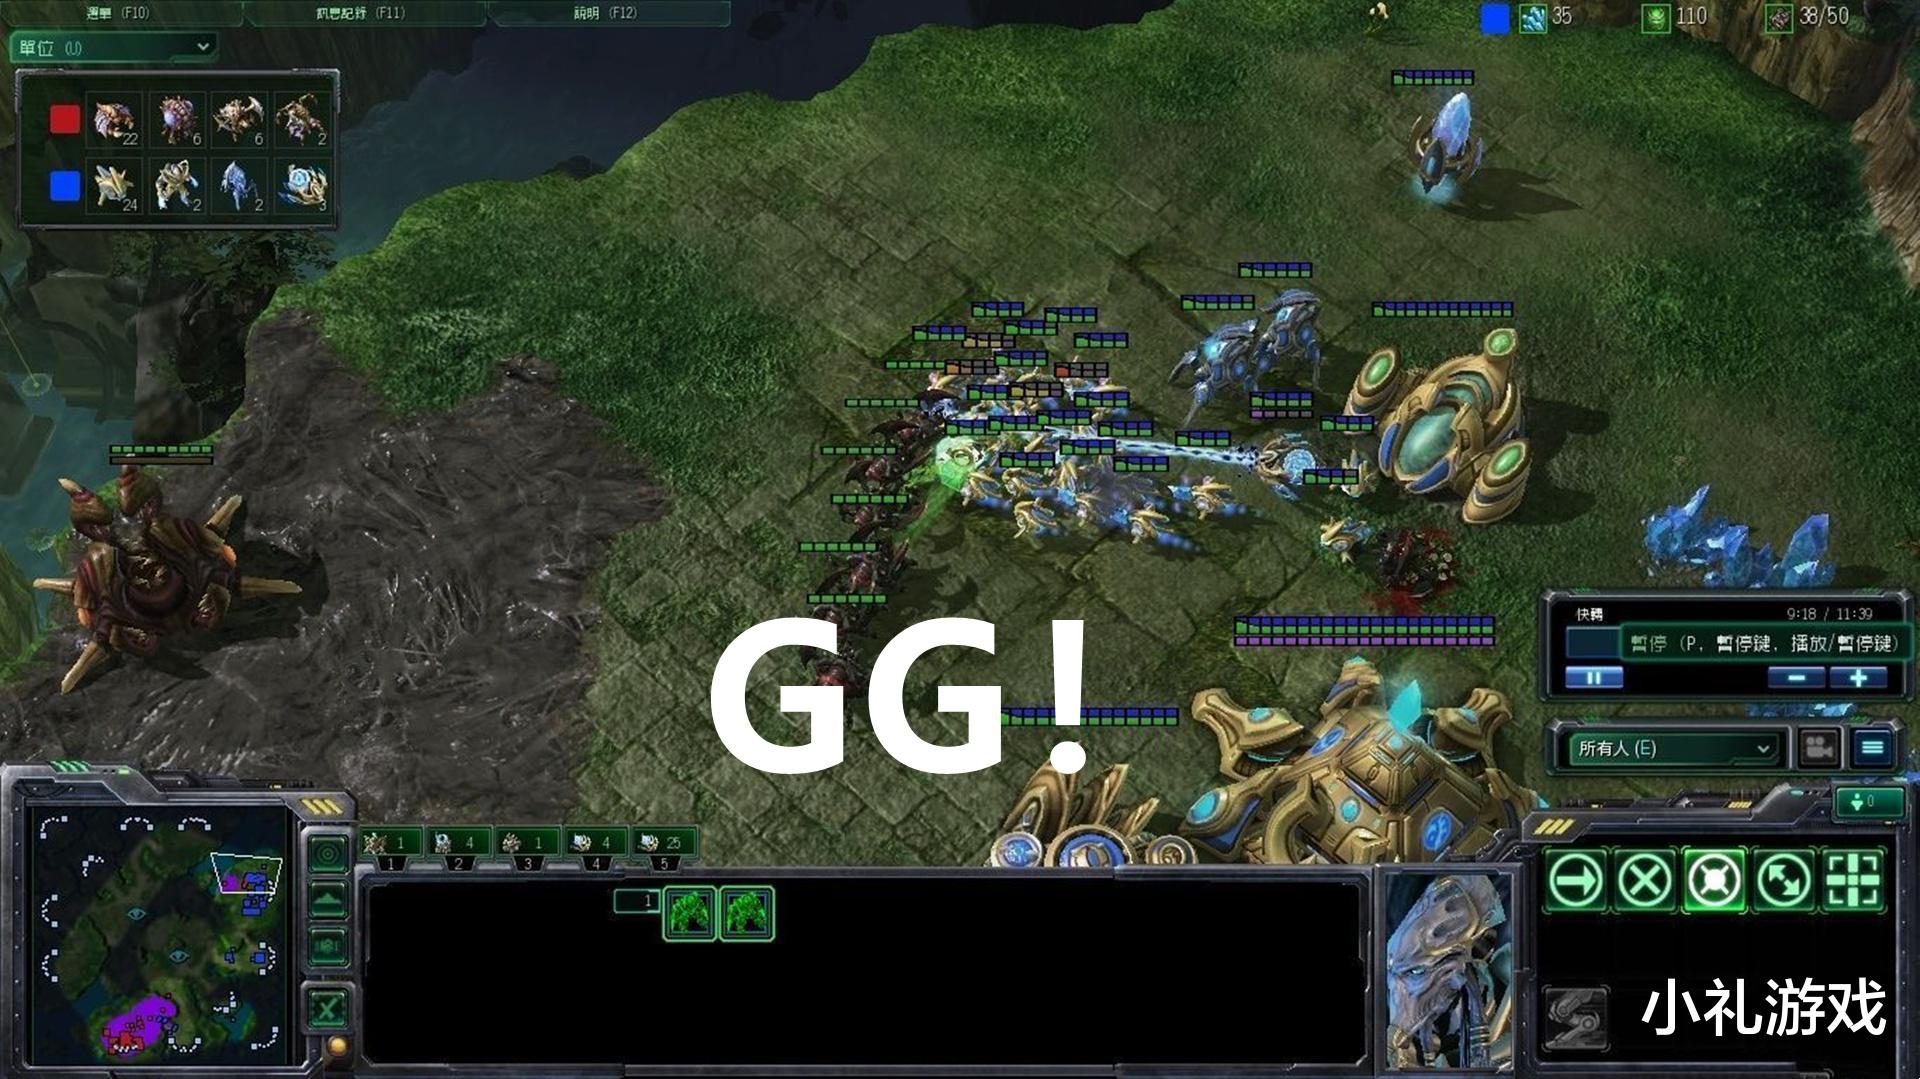 """为什么星际争霸的玩家结束时喜欢喊""""GG""""?这可不是游戏特色"""